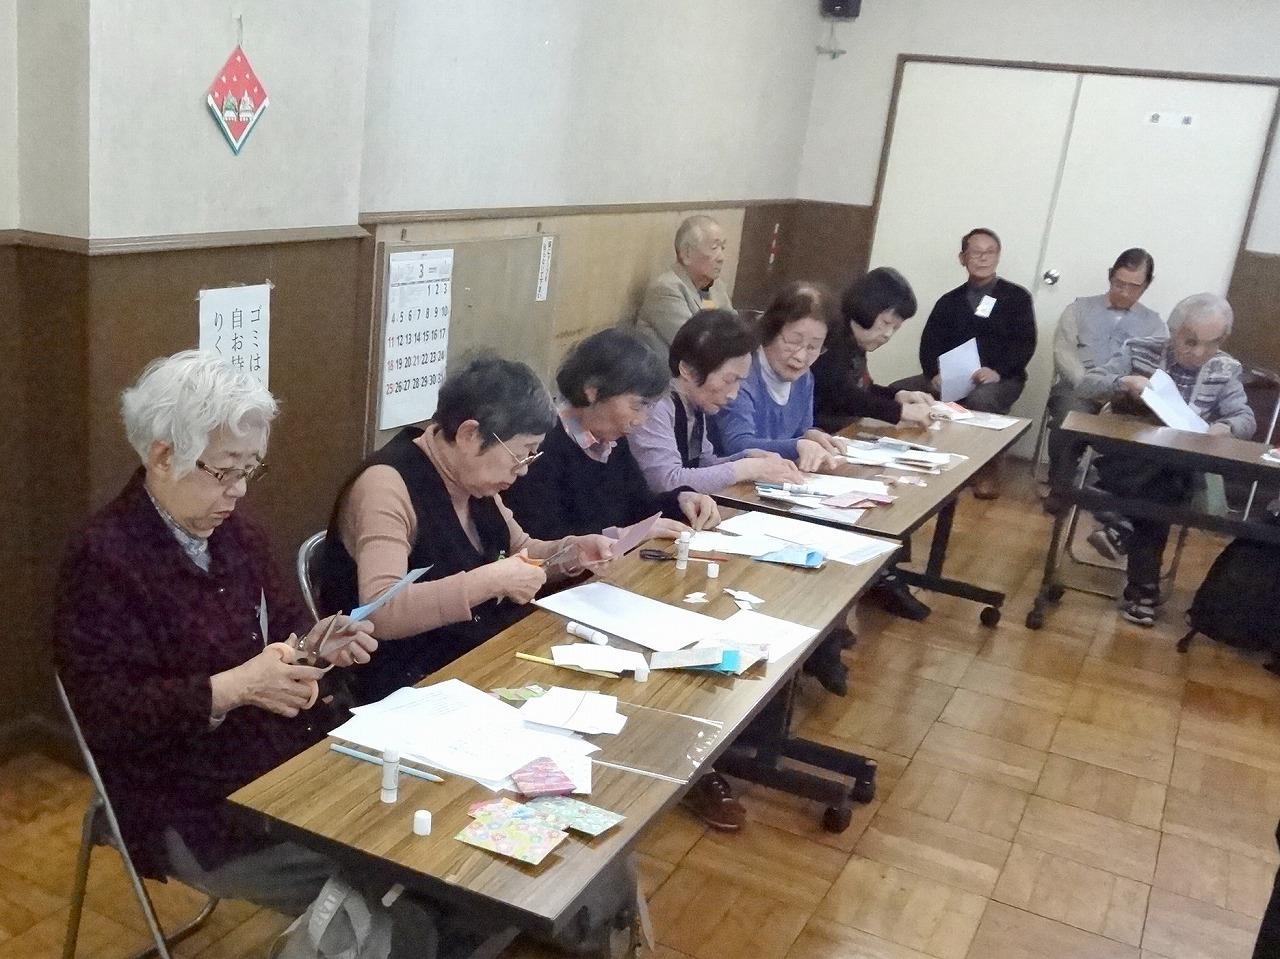 85-4kitazawasalon